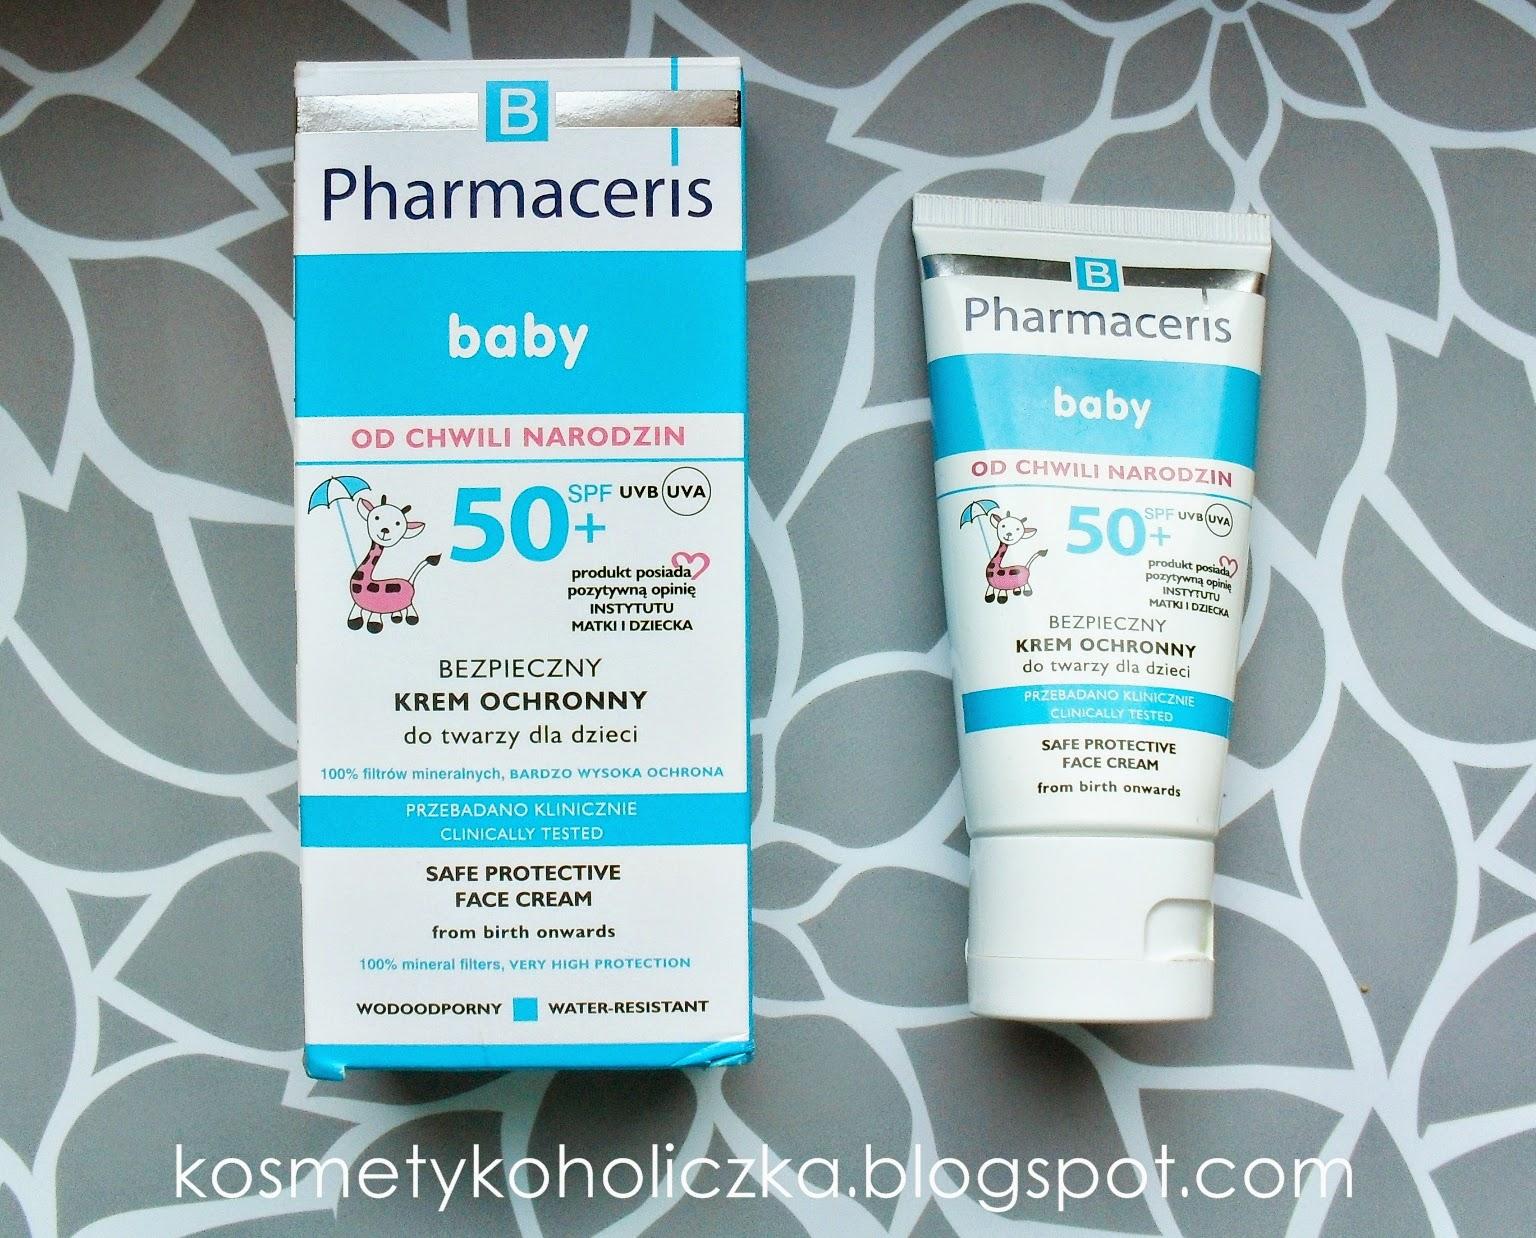 Pharmaceris B | SPF 50 + | Bezpieczny krem ochronny do twarzy dla dzieci